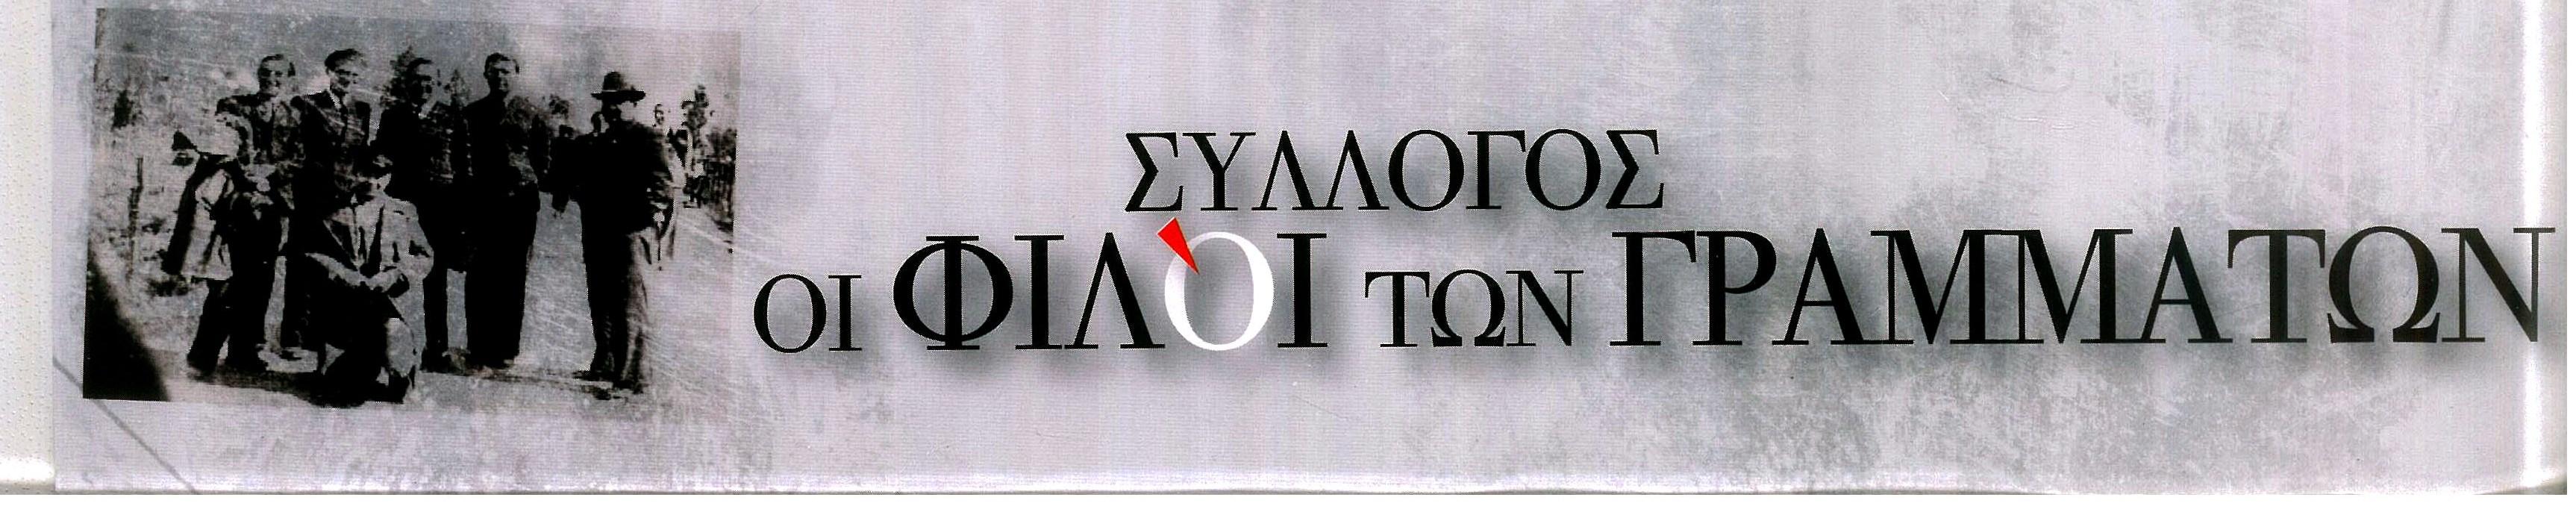 ΟΙ ΦΙΛΟΙ ΤΩΝ ΓΡΑΜΜΑΤΩΝ (λογότυπο)